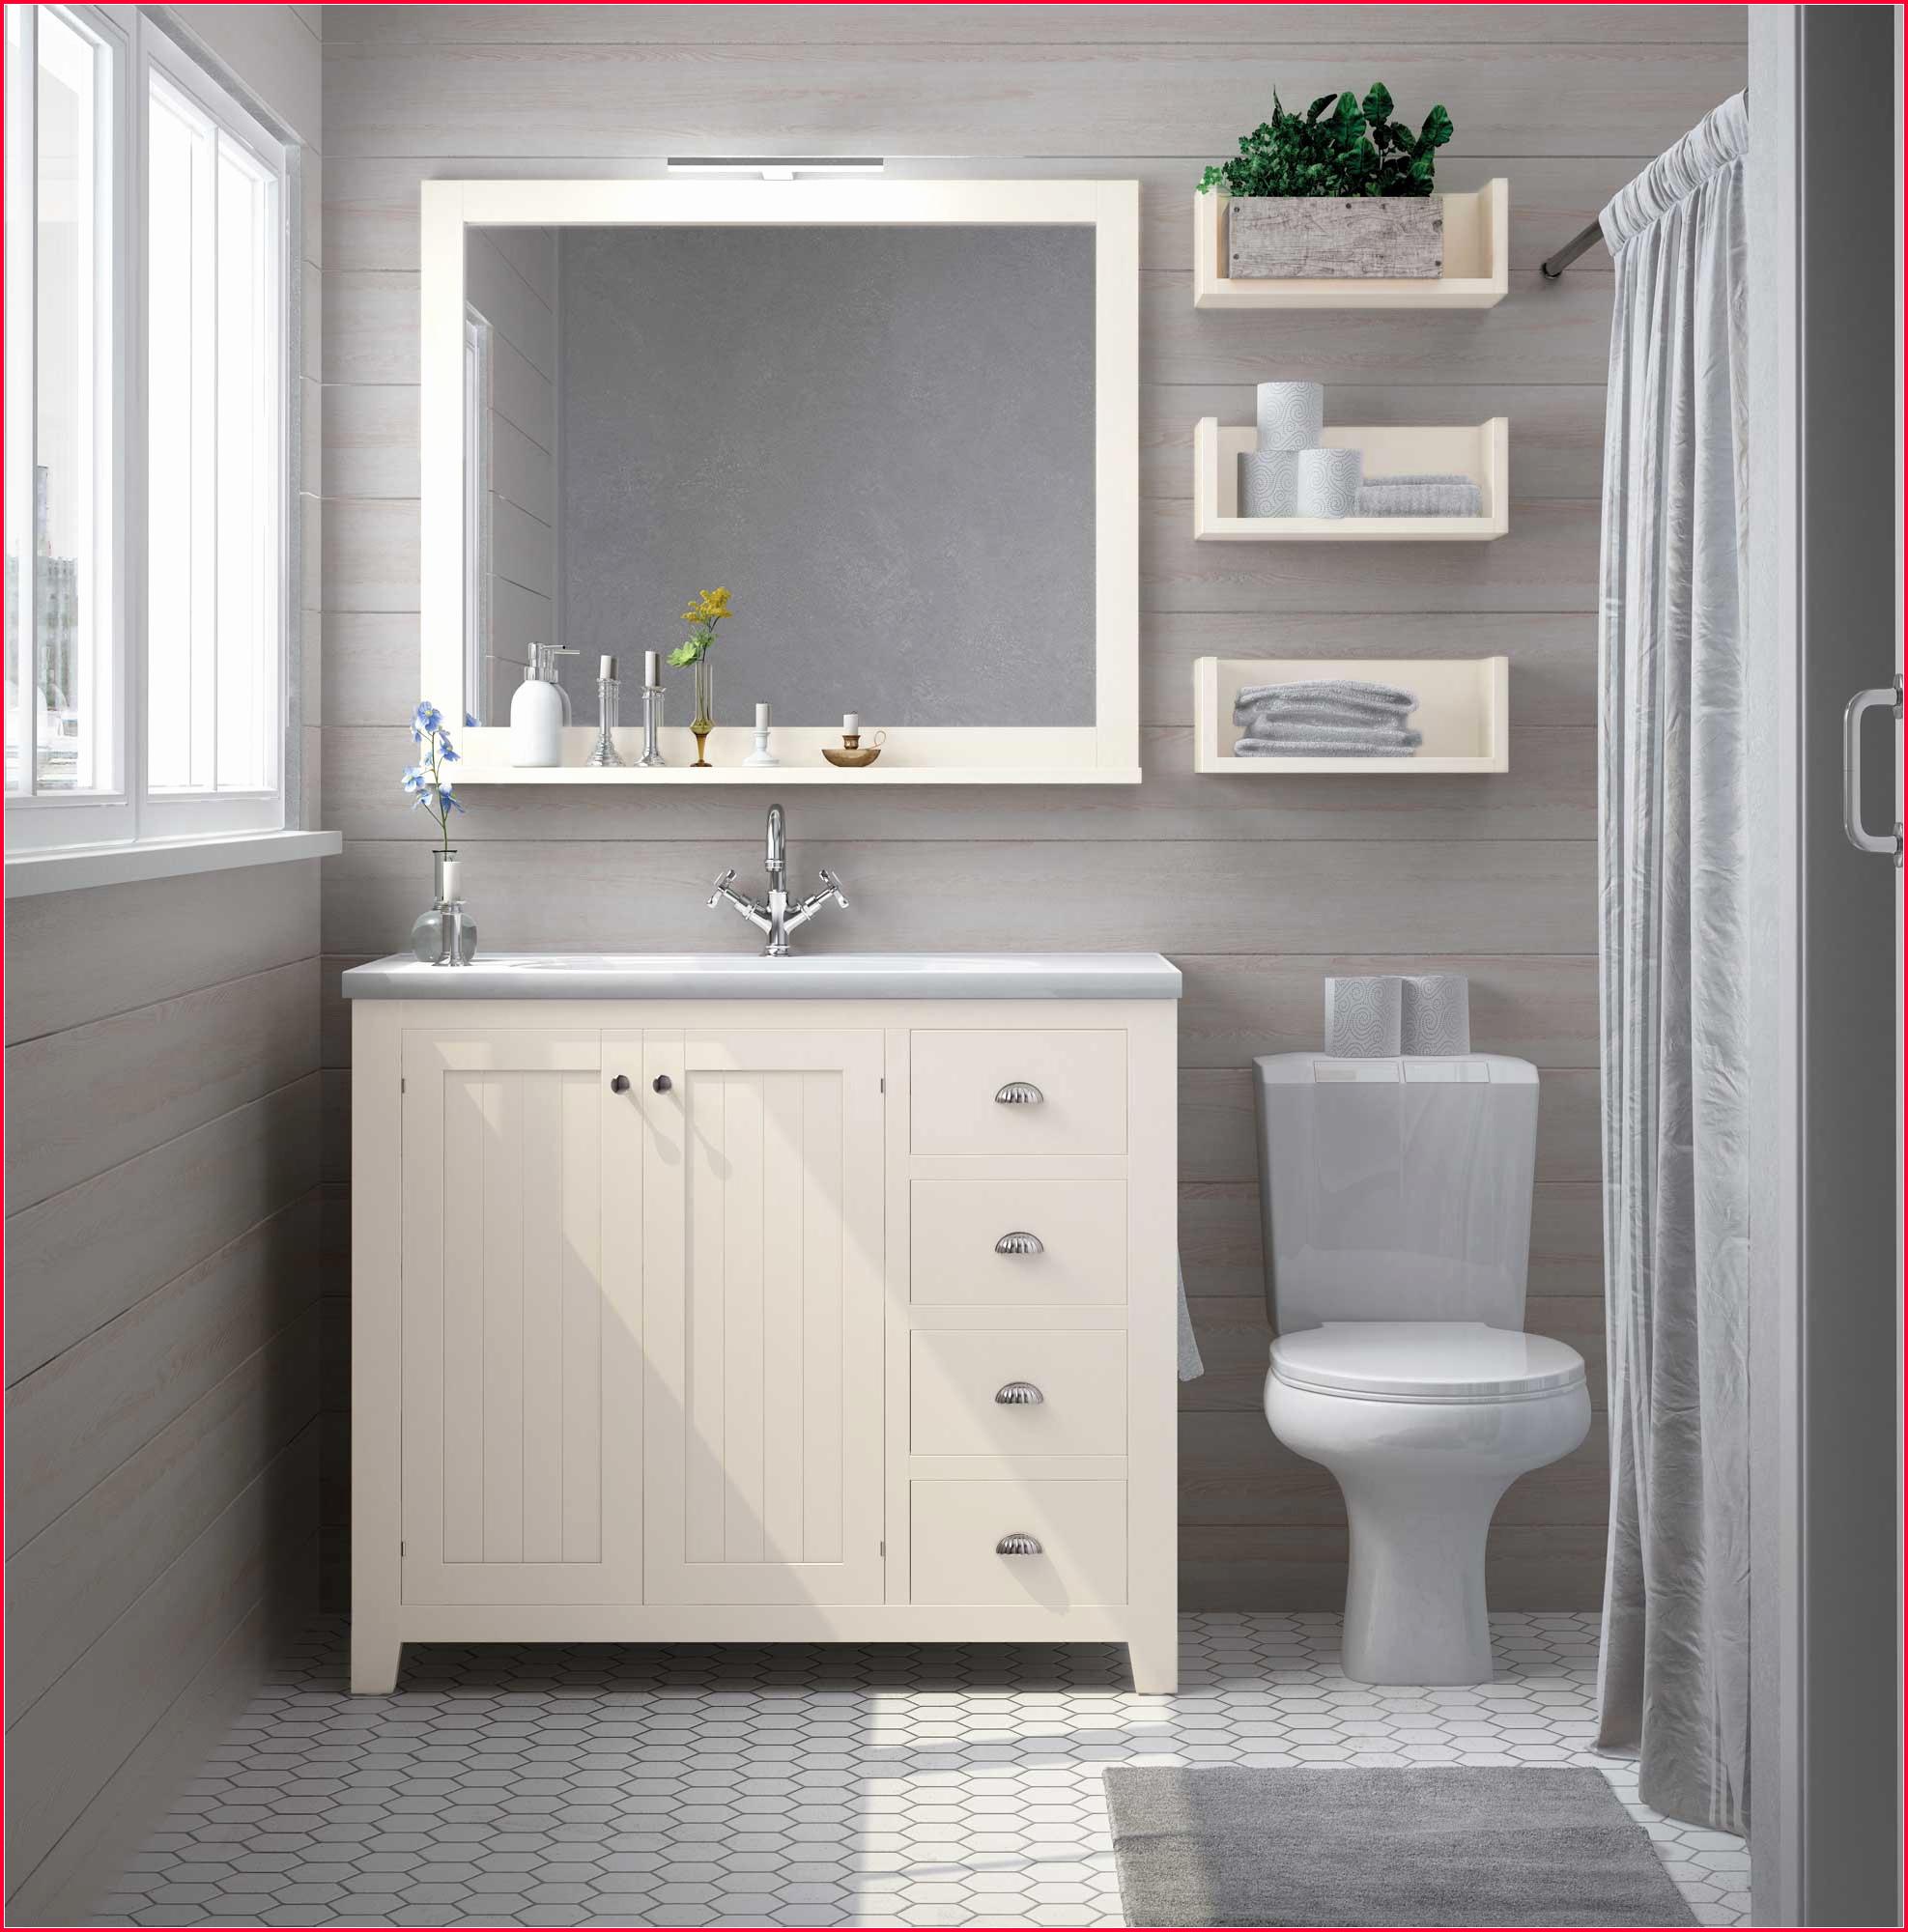 Muebles De Baño Con Dos Lavabos Jxdu Impresionante Baà Os Con Dos Lavabos Fotos De Baà Os Decorativo